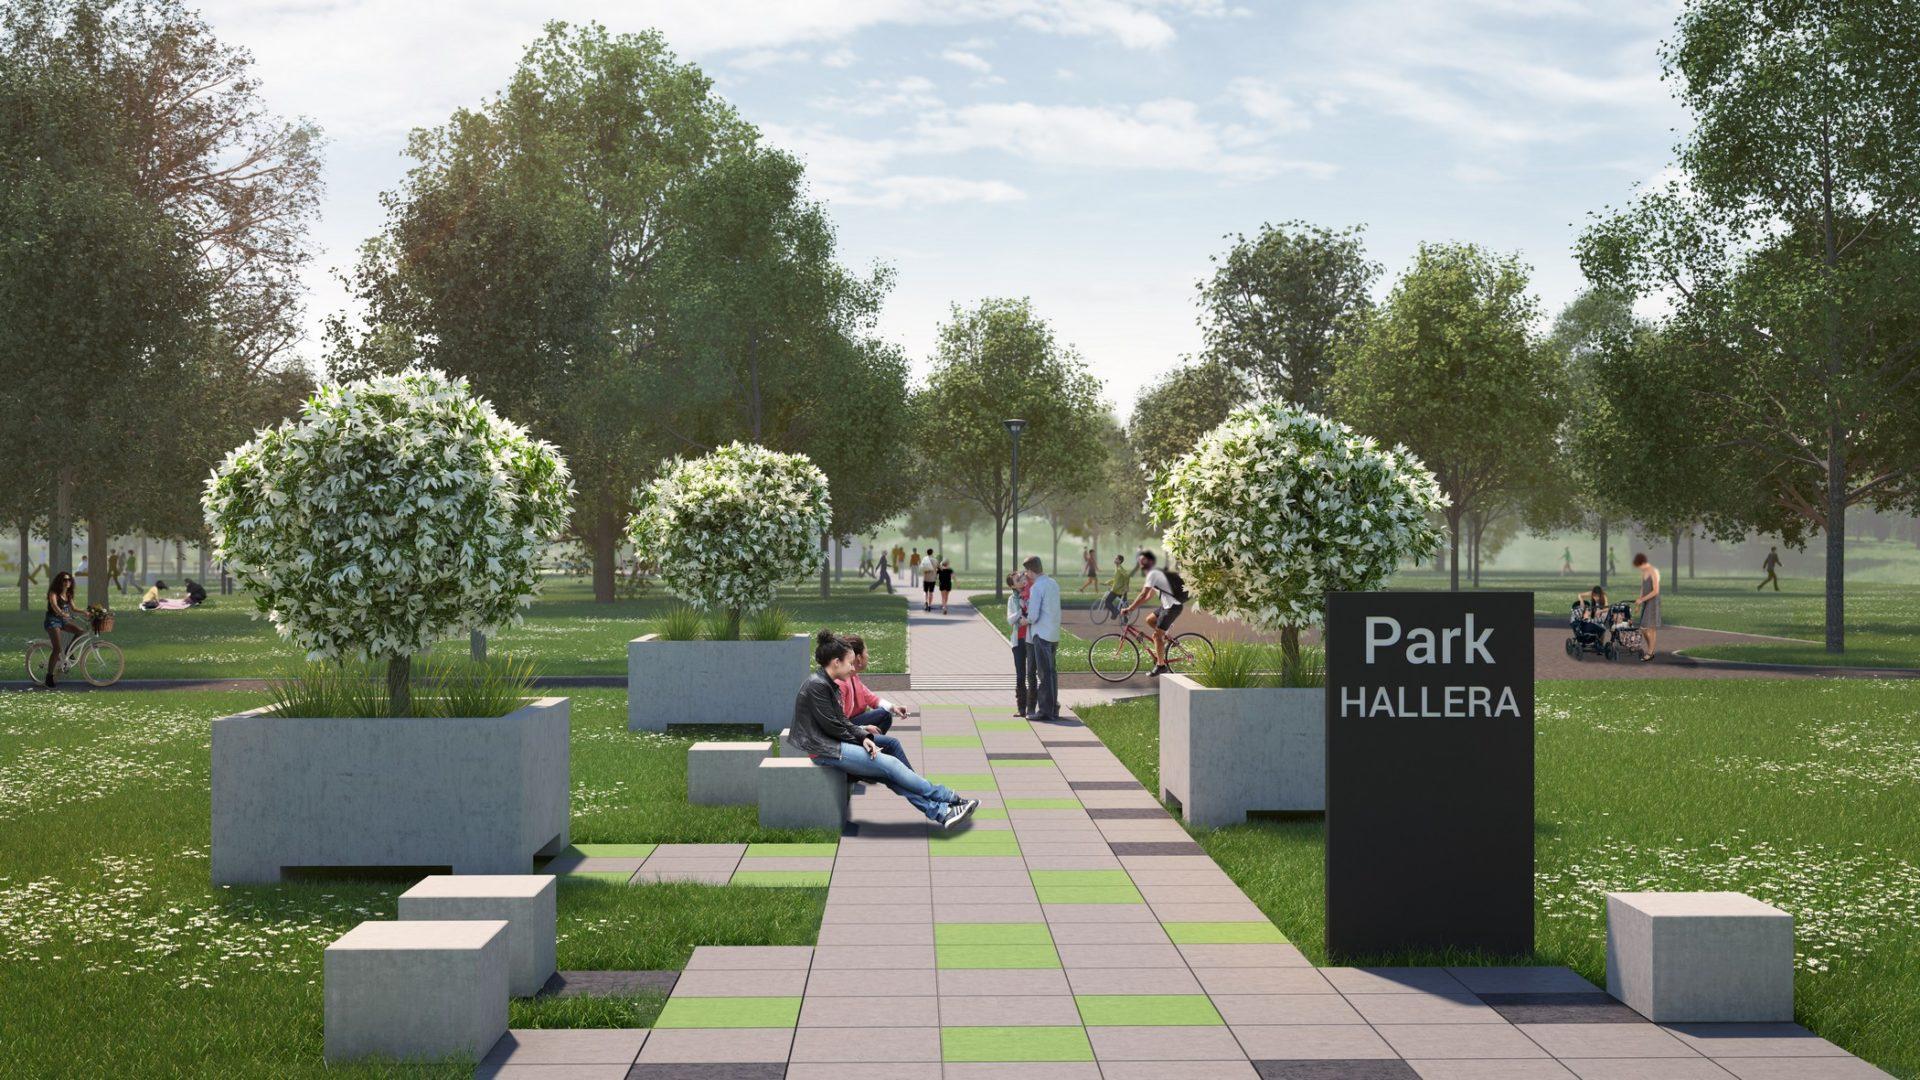 wizualizacje 3d urbanistyczne parku